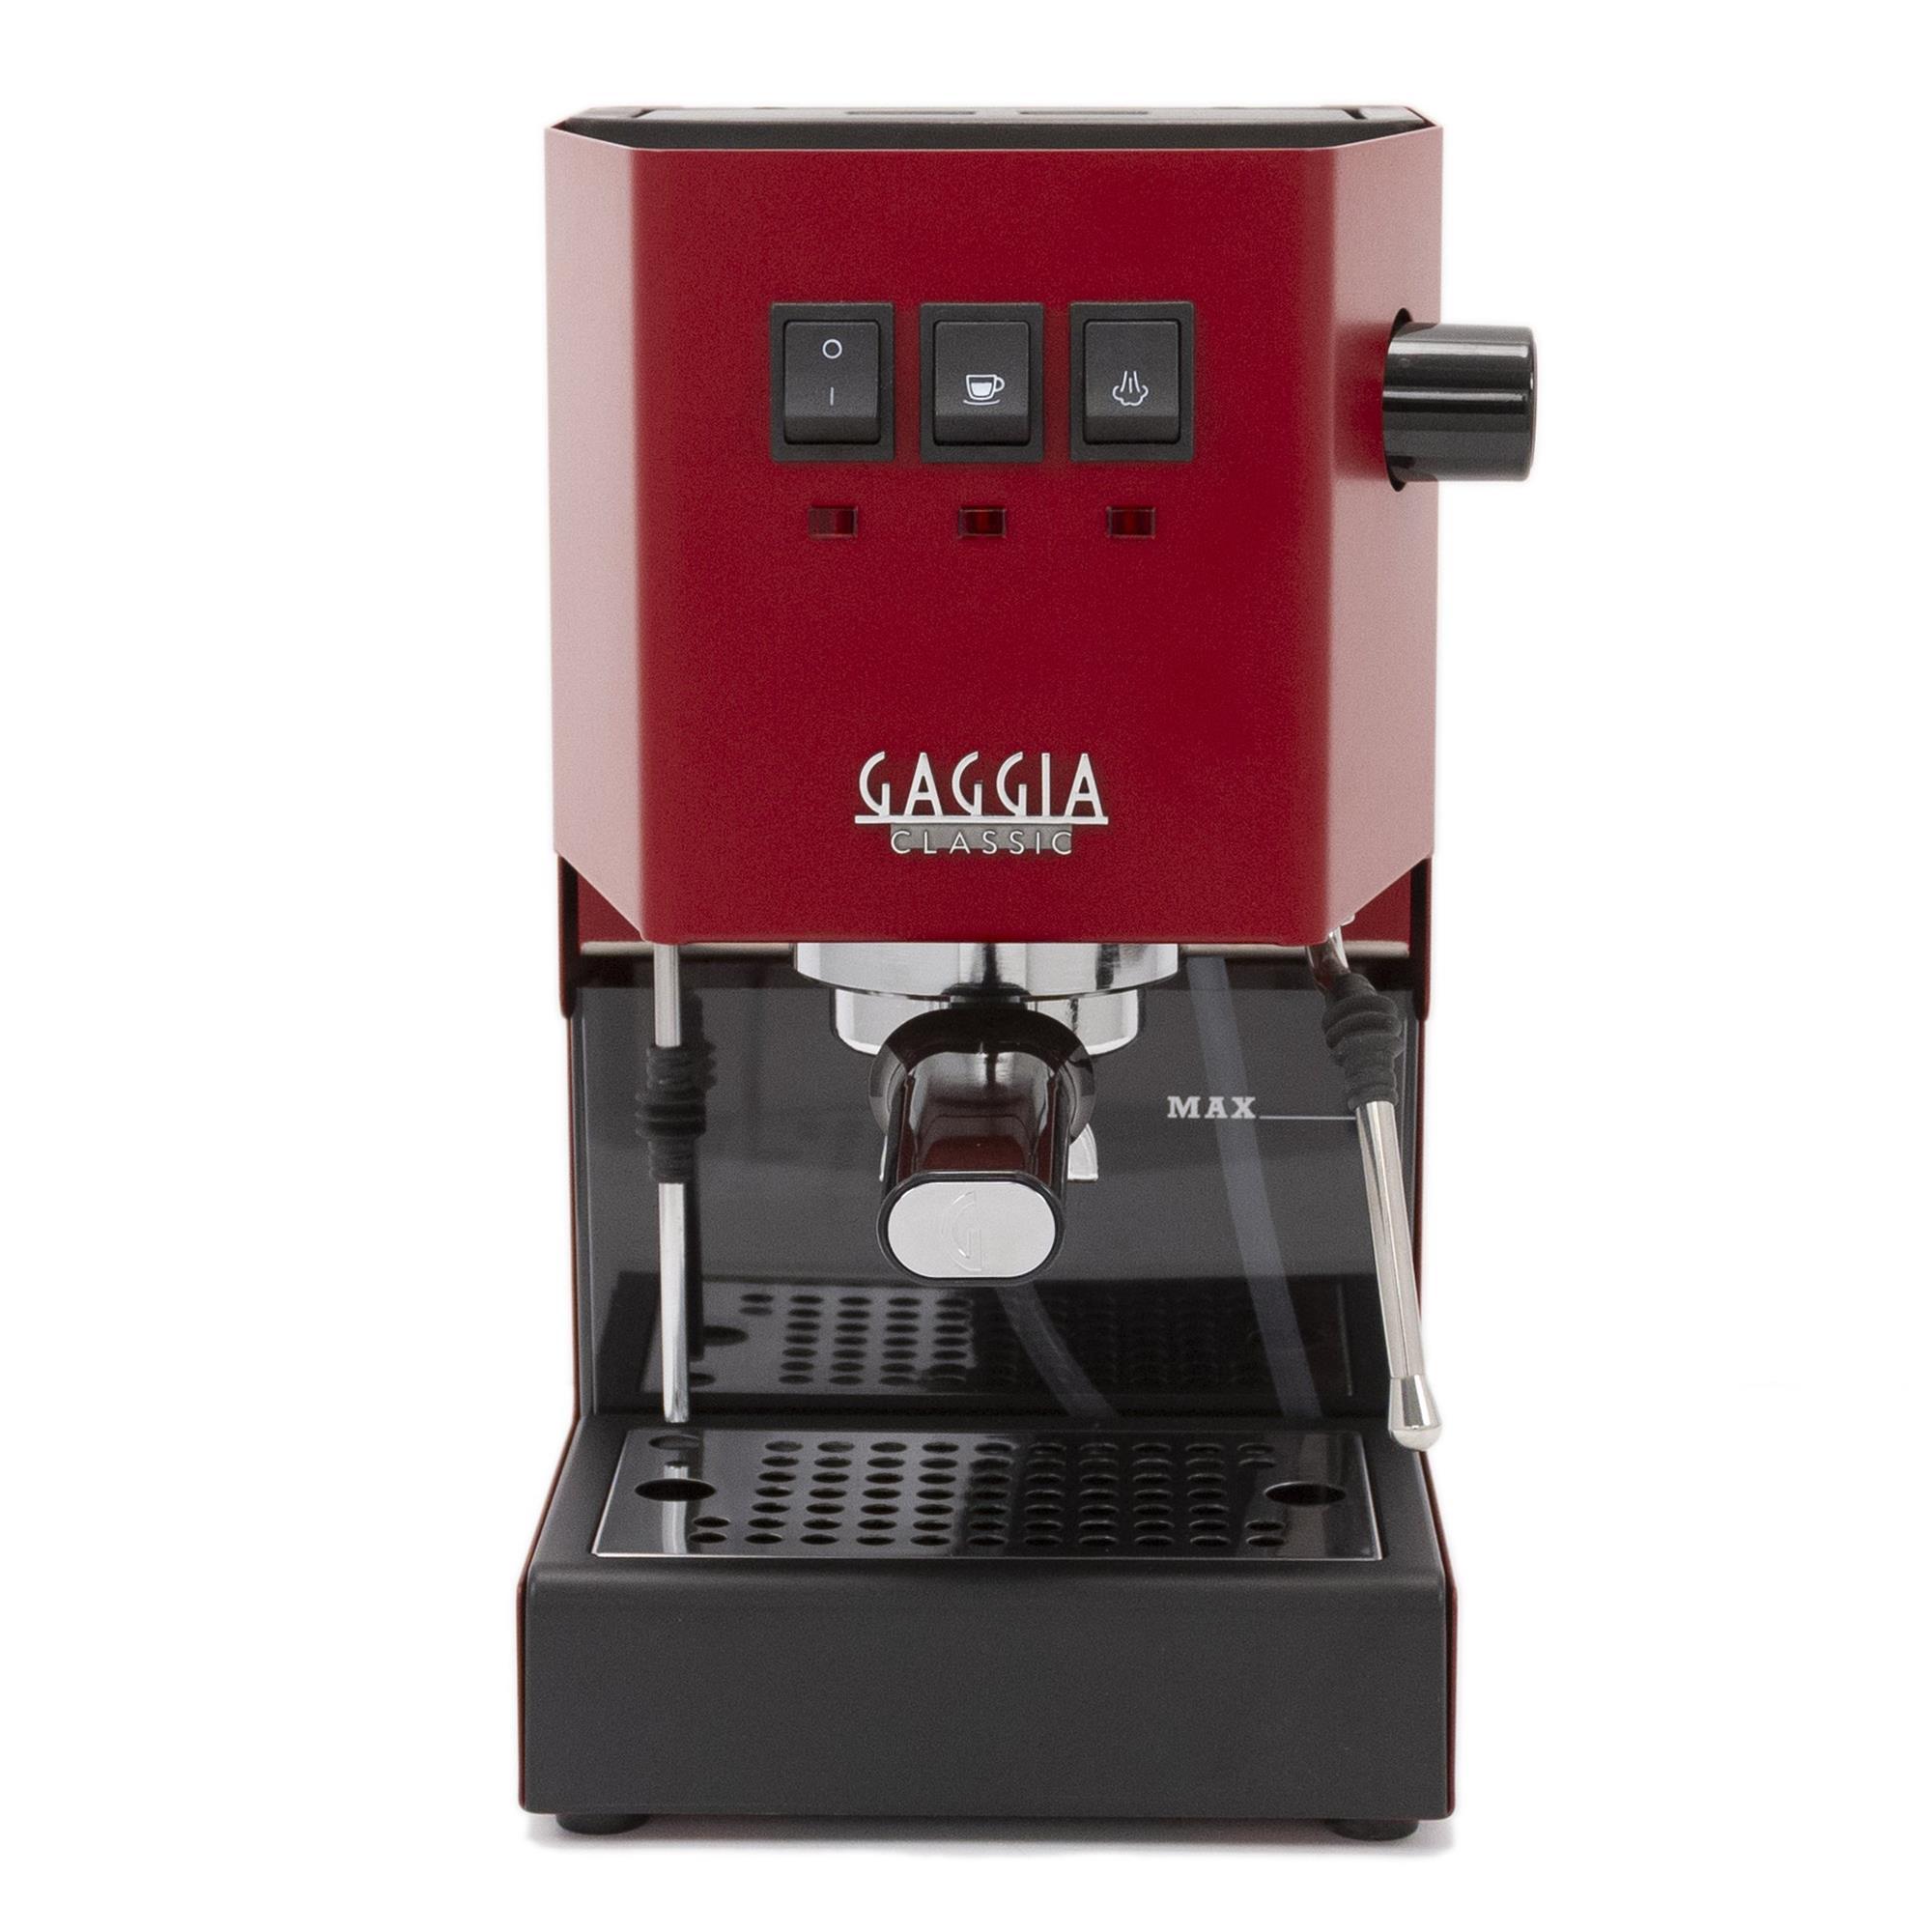 Gaggia Classic Pro Red Manual Espresso Coffee Machine